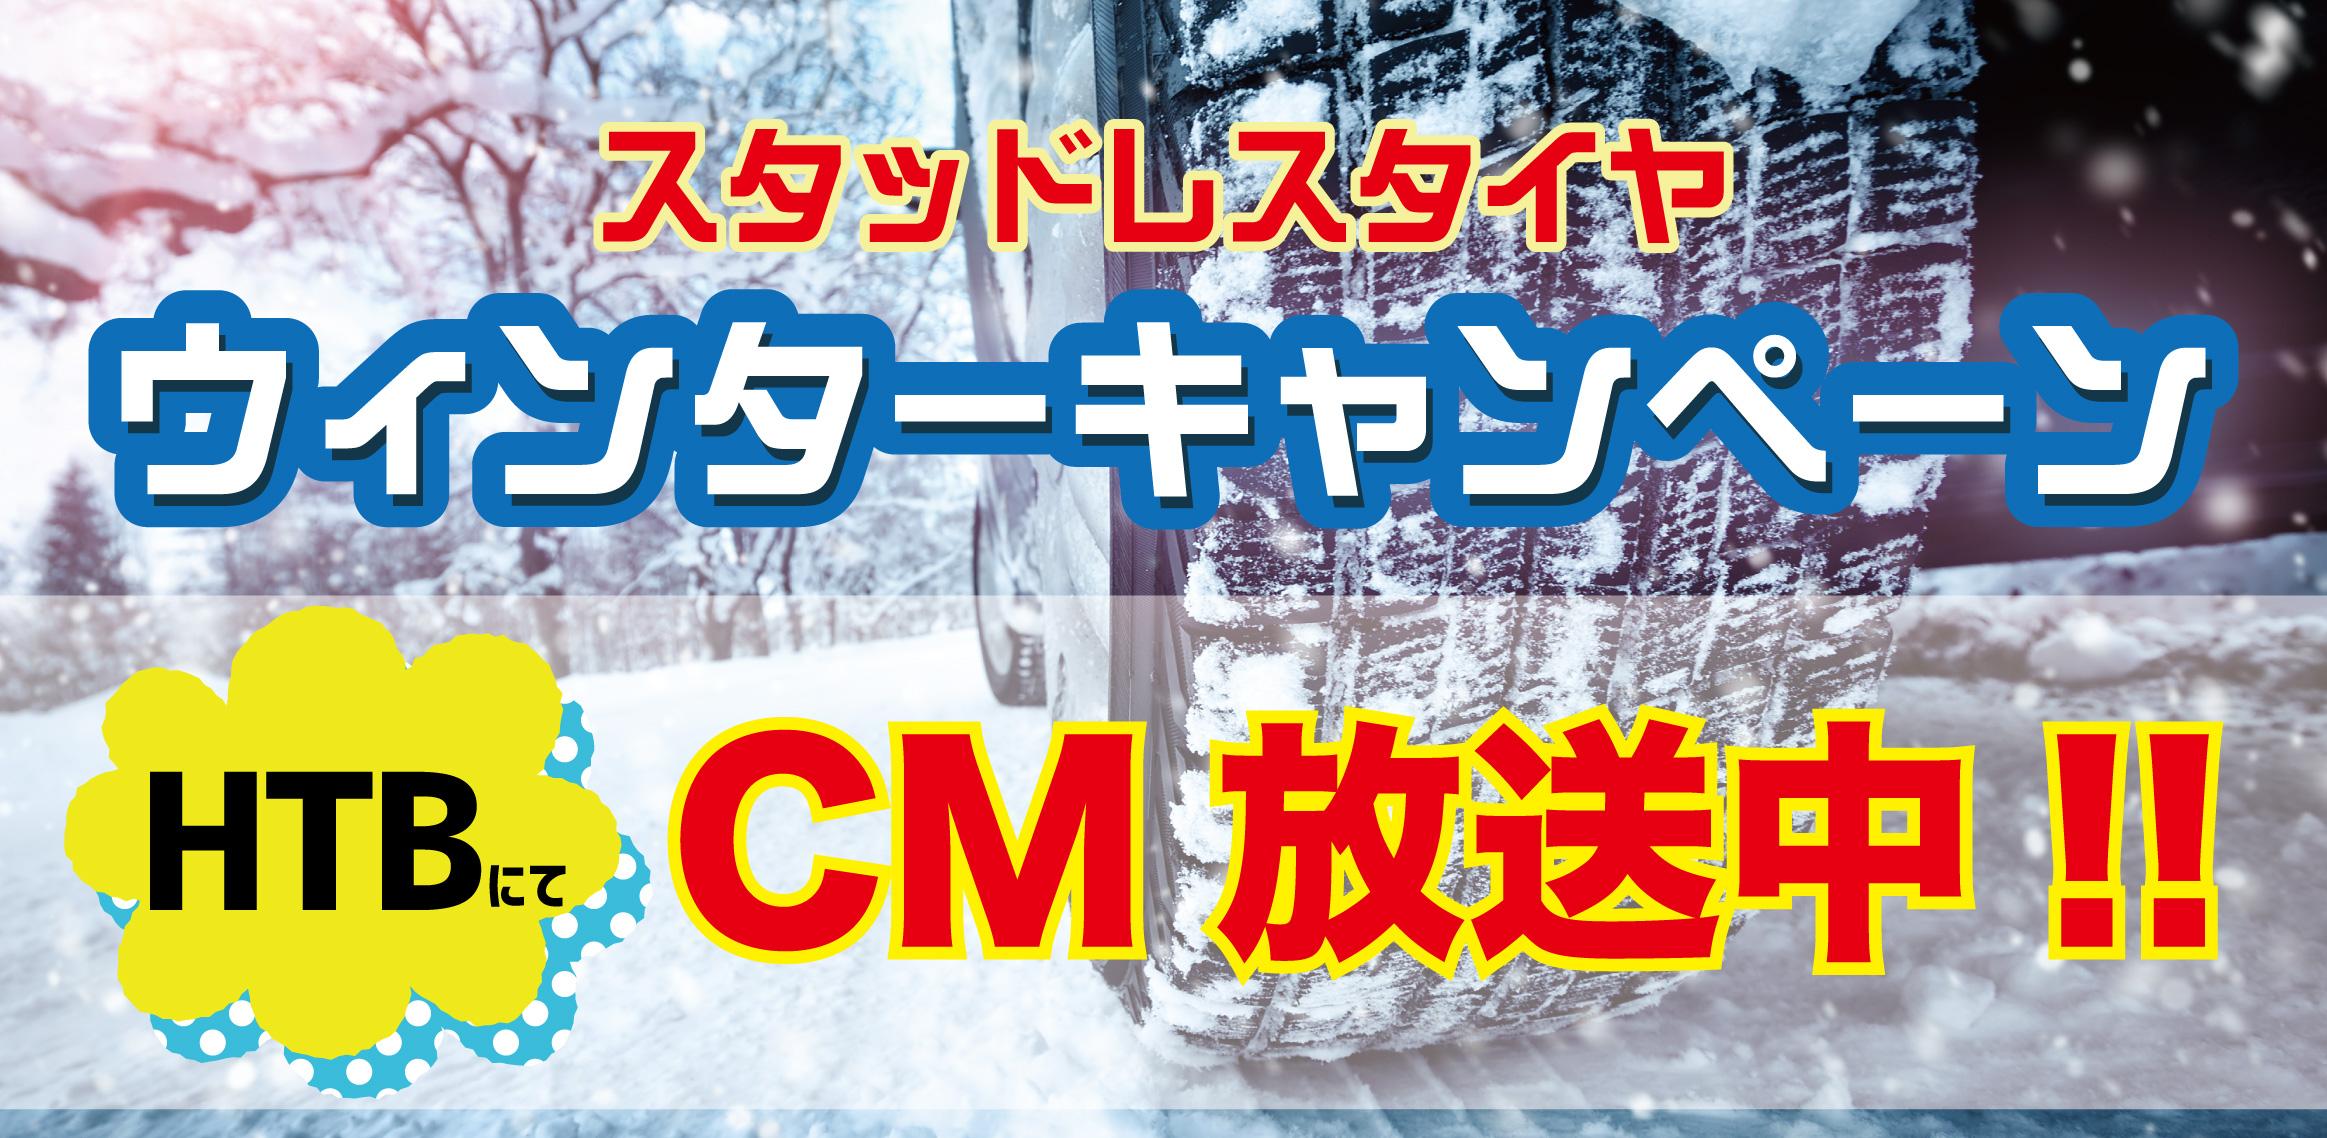 best_cm